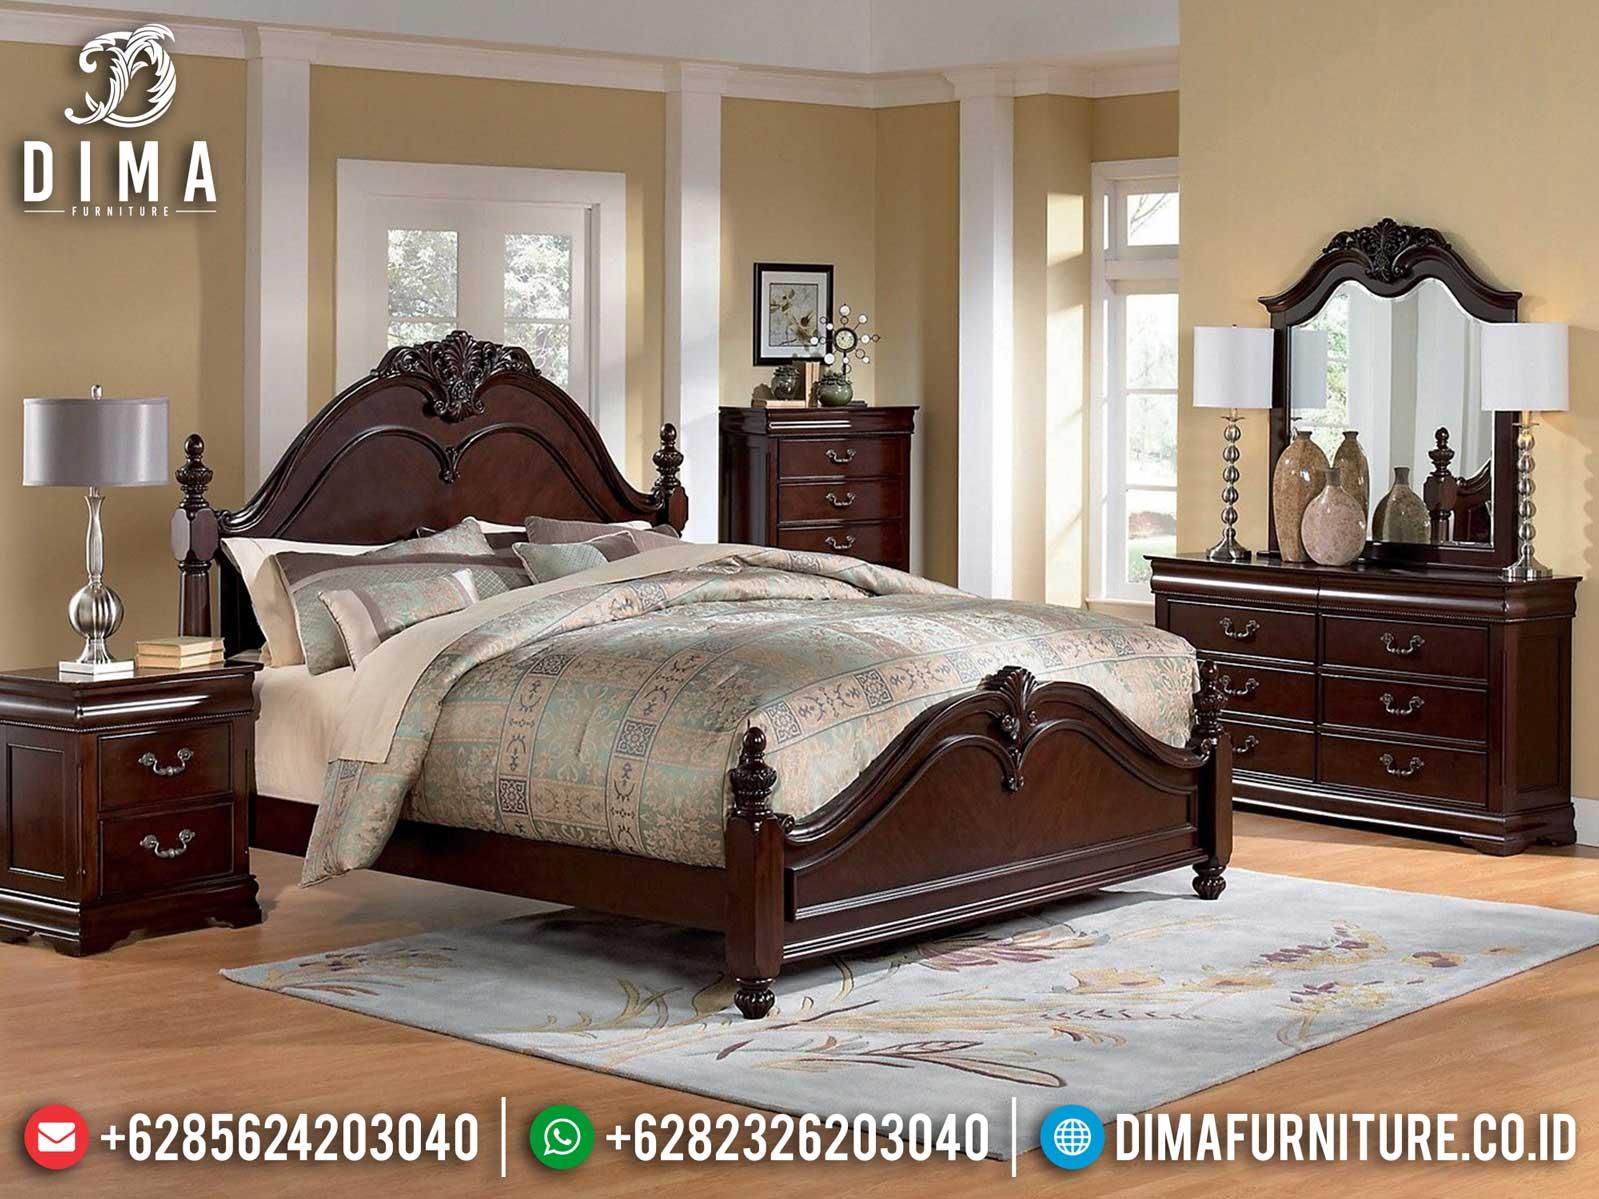 Great Wood Tempat Tidur Mewah Kayu Jati Natural Classic Furniture Jepara TTJ-1176